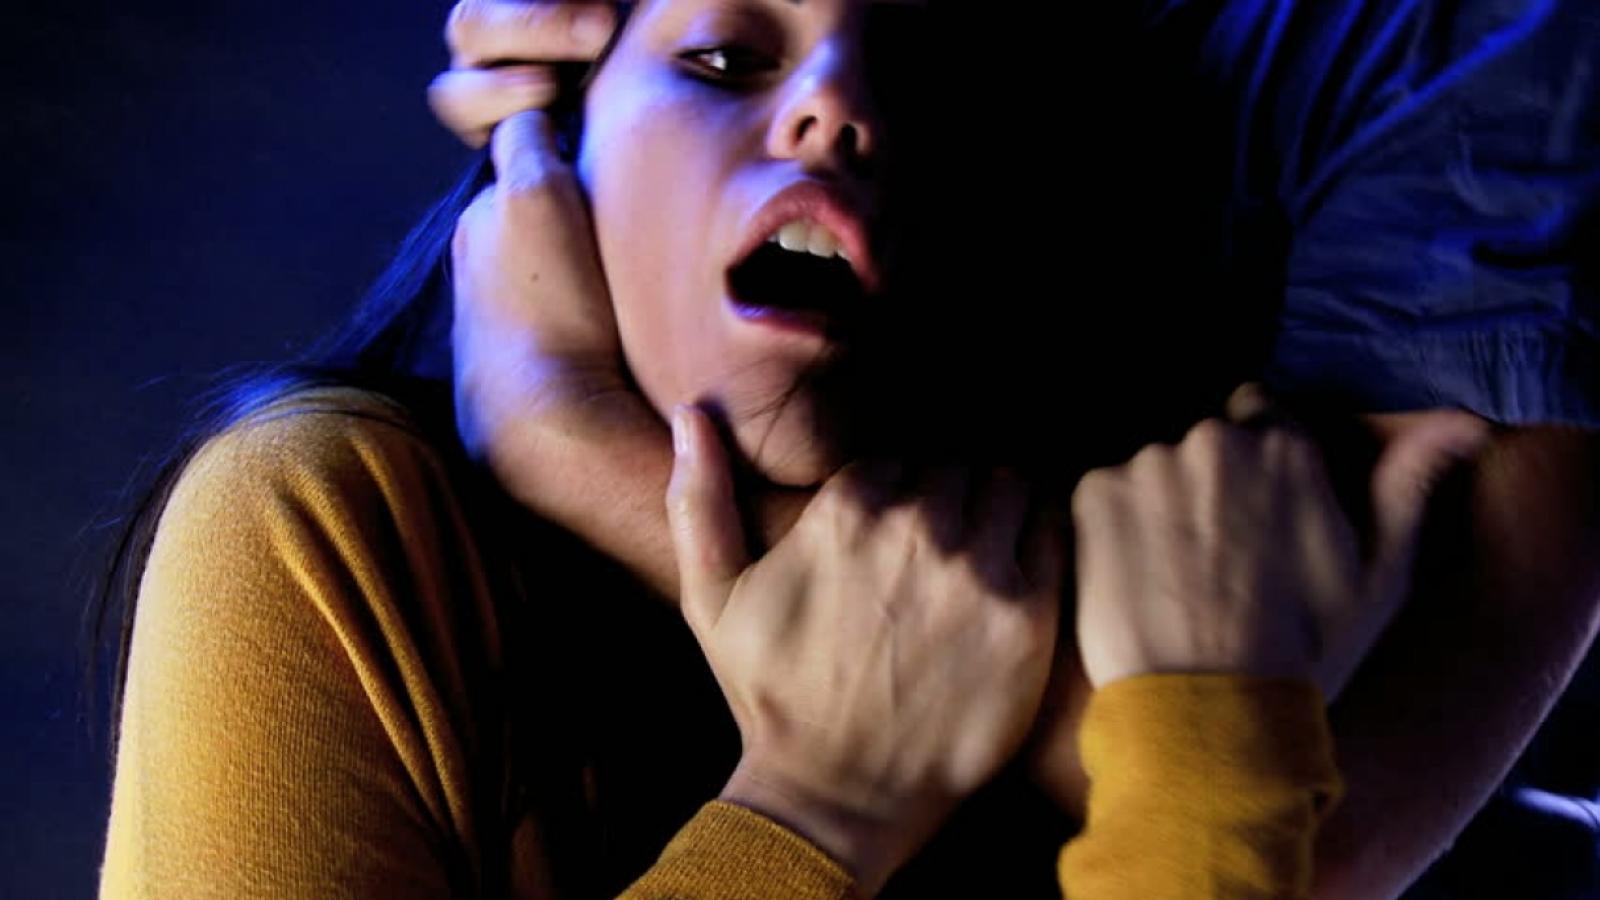 Гуляла допоздна: 17-летний астраханец пытался убить свою девушку